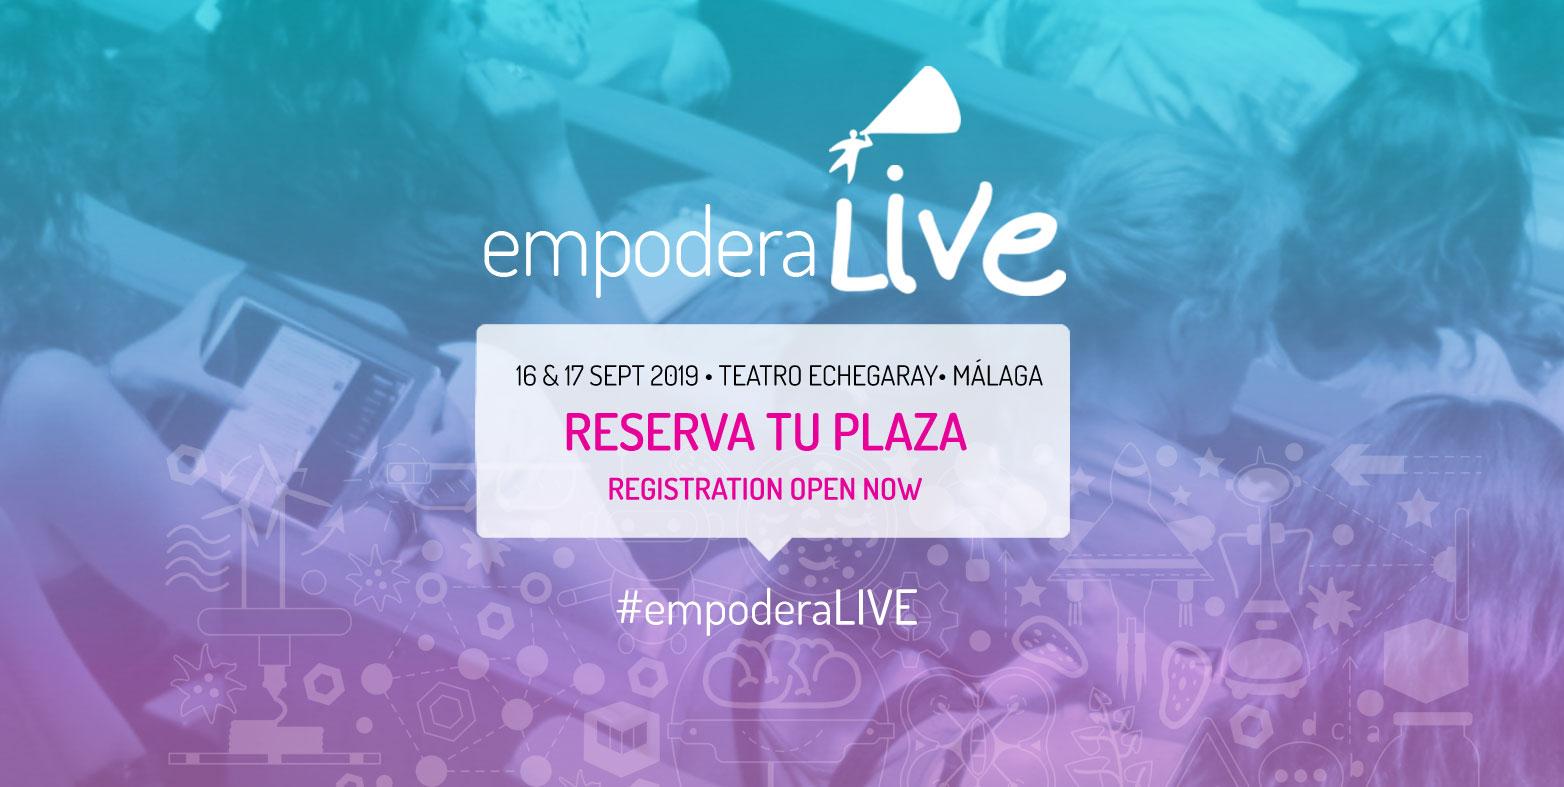 Ya puedes inscribirte en #EmpoderaLIVE 2019 y vivir una experiencia única